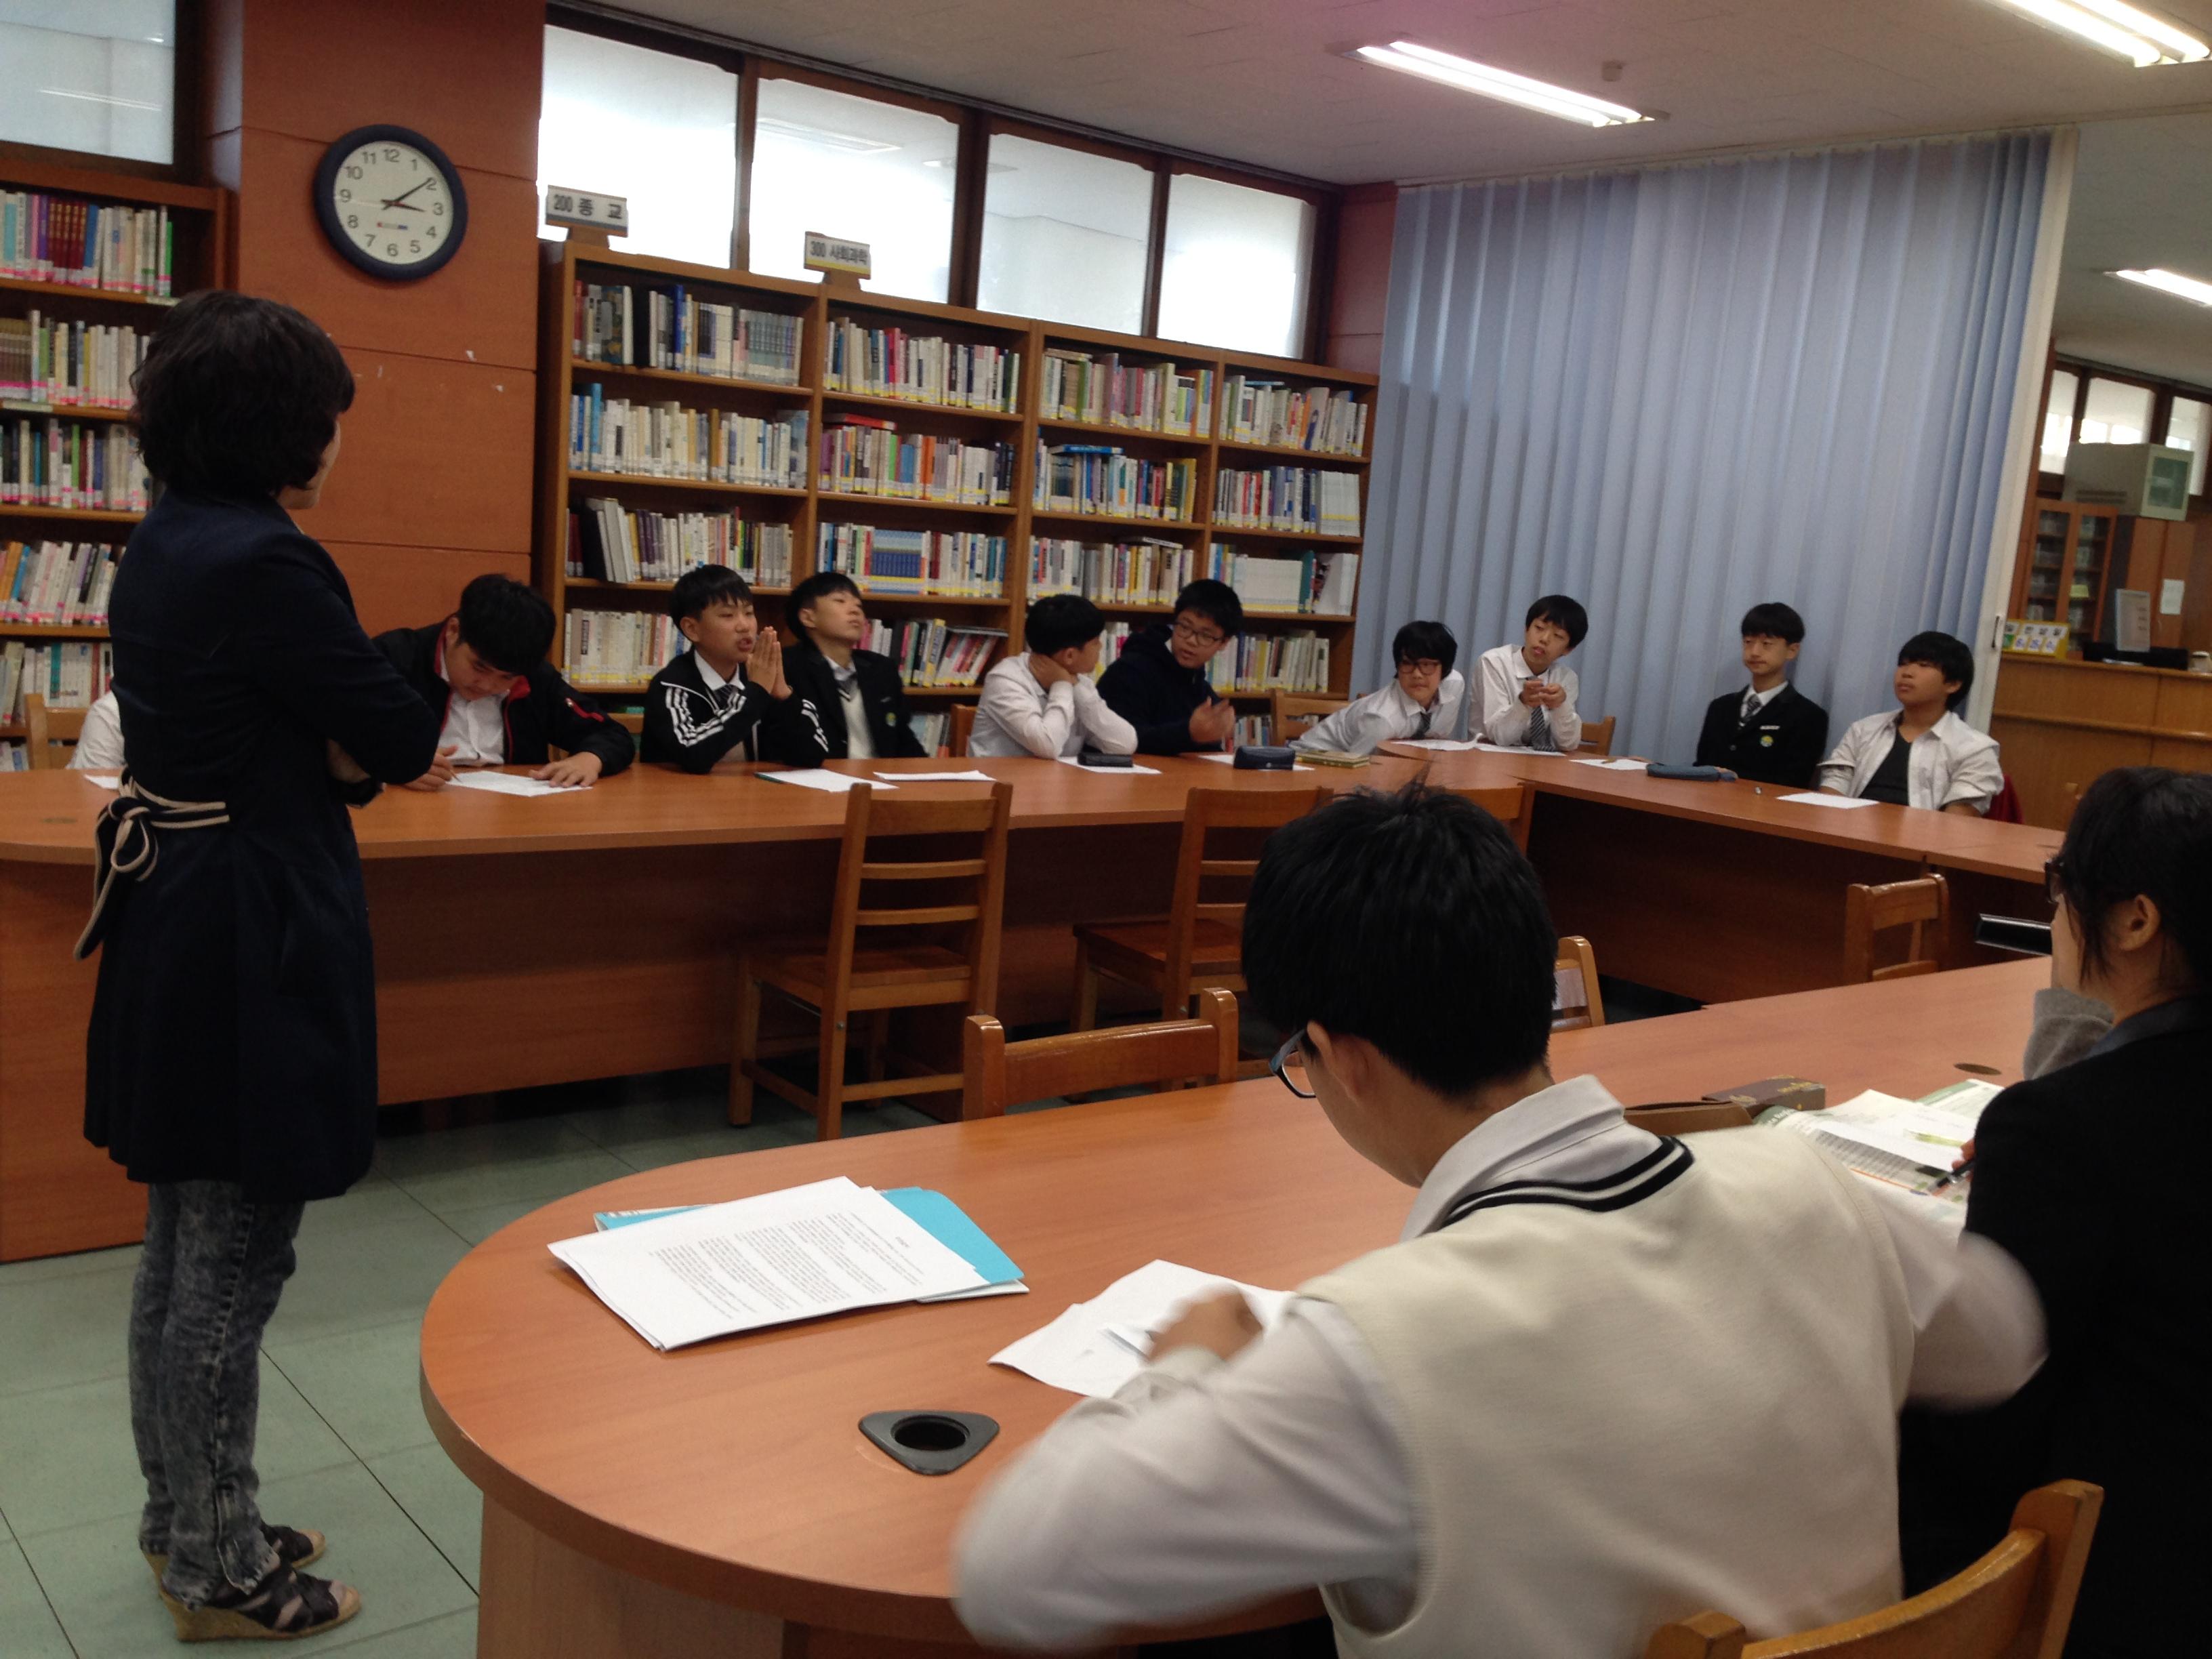 [일반] 사회 도서관활용 토론 수업의 첨부이미지 1